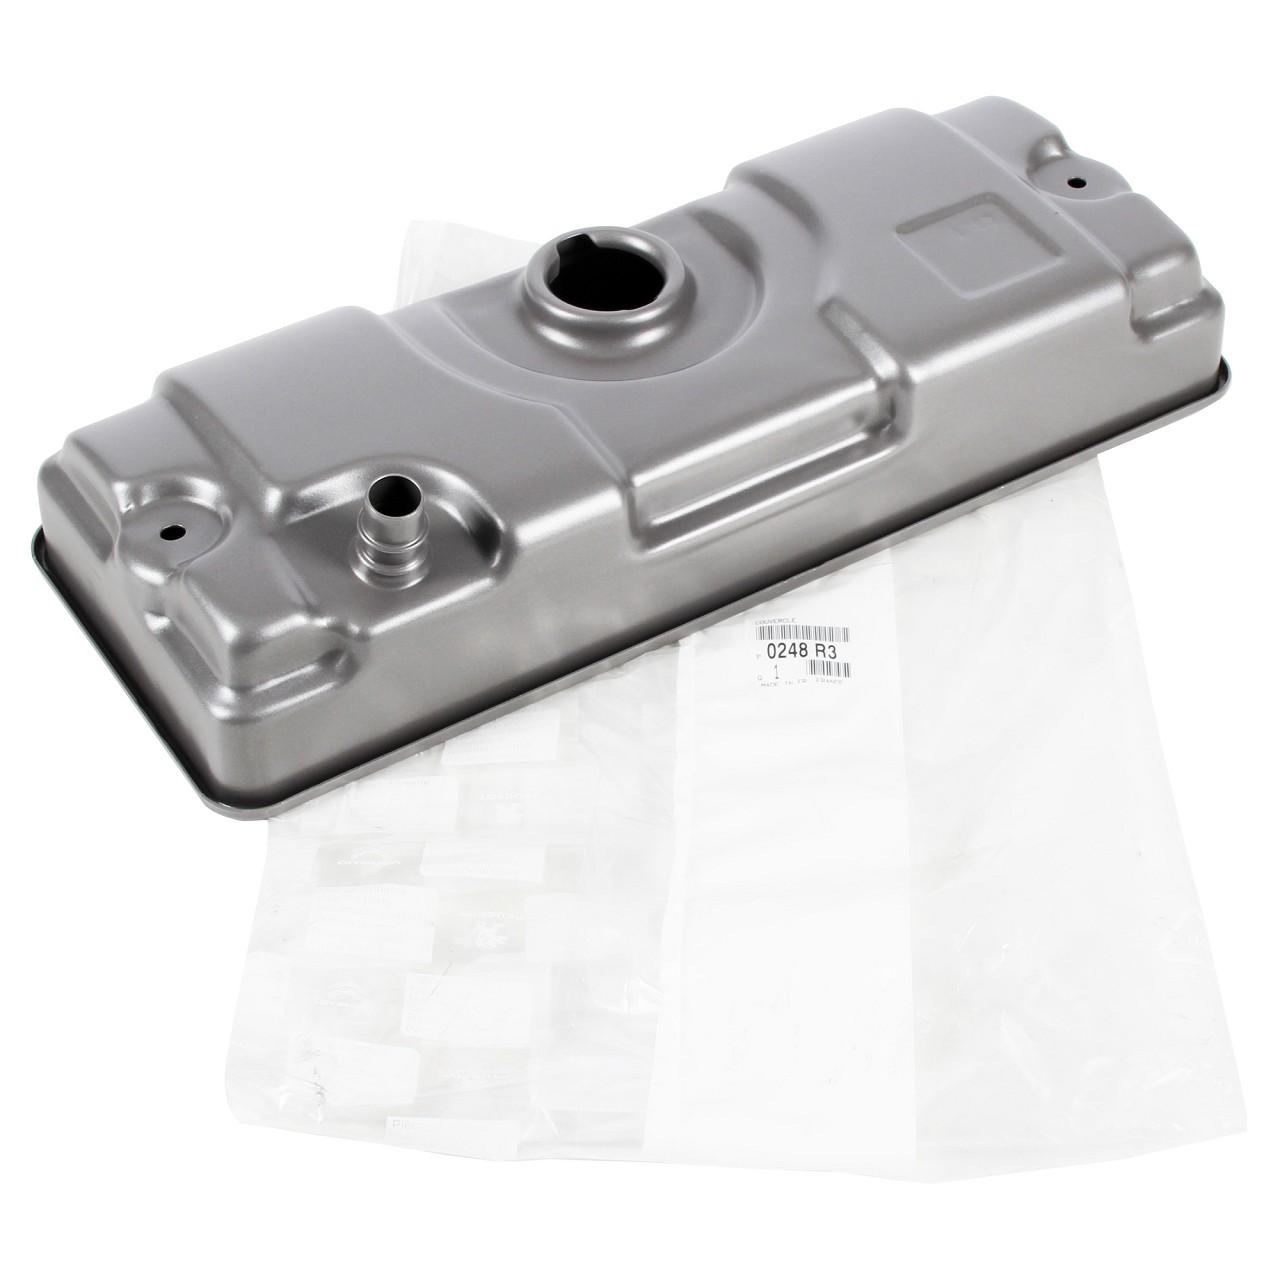 ORIGINAL Citroen Peugeot Ventildeckel C2 C3 106 206 207 306 307 1,1-1,6 0248.R3